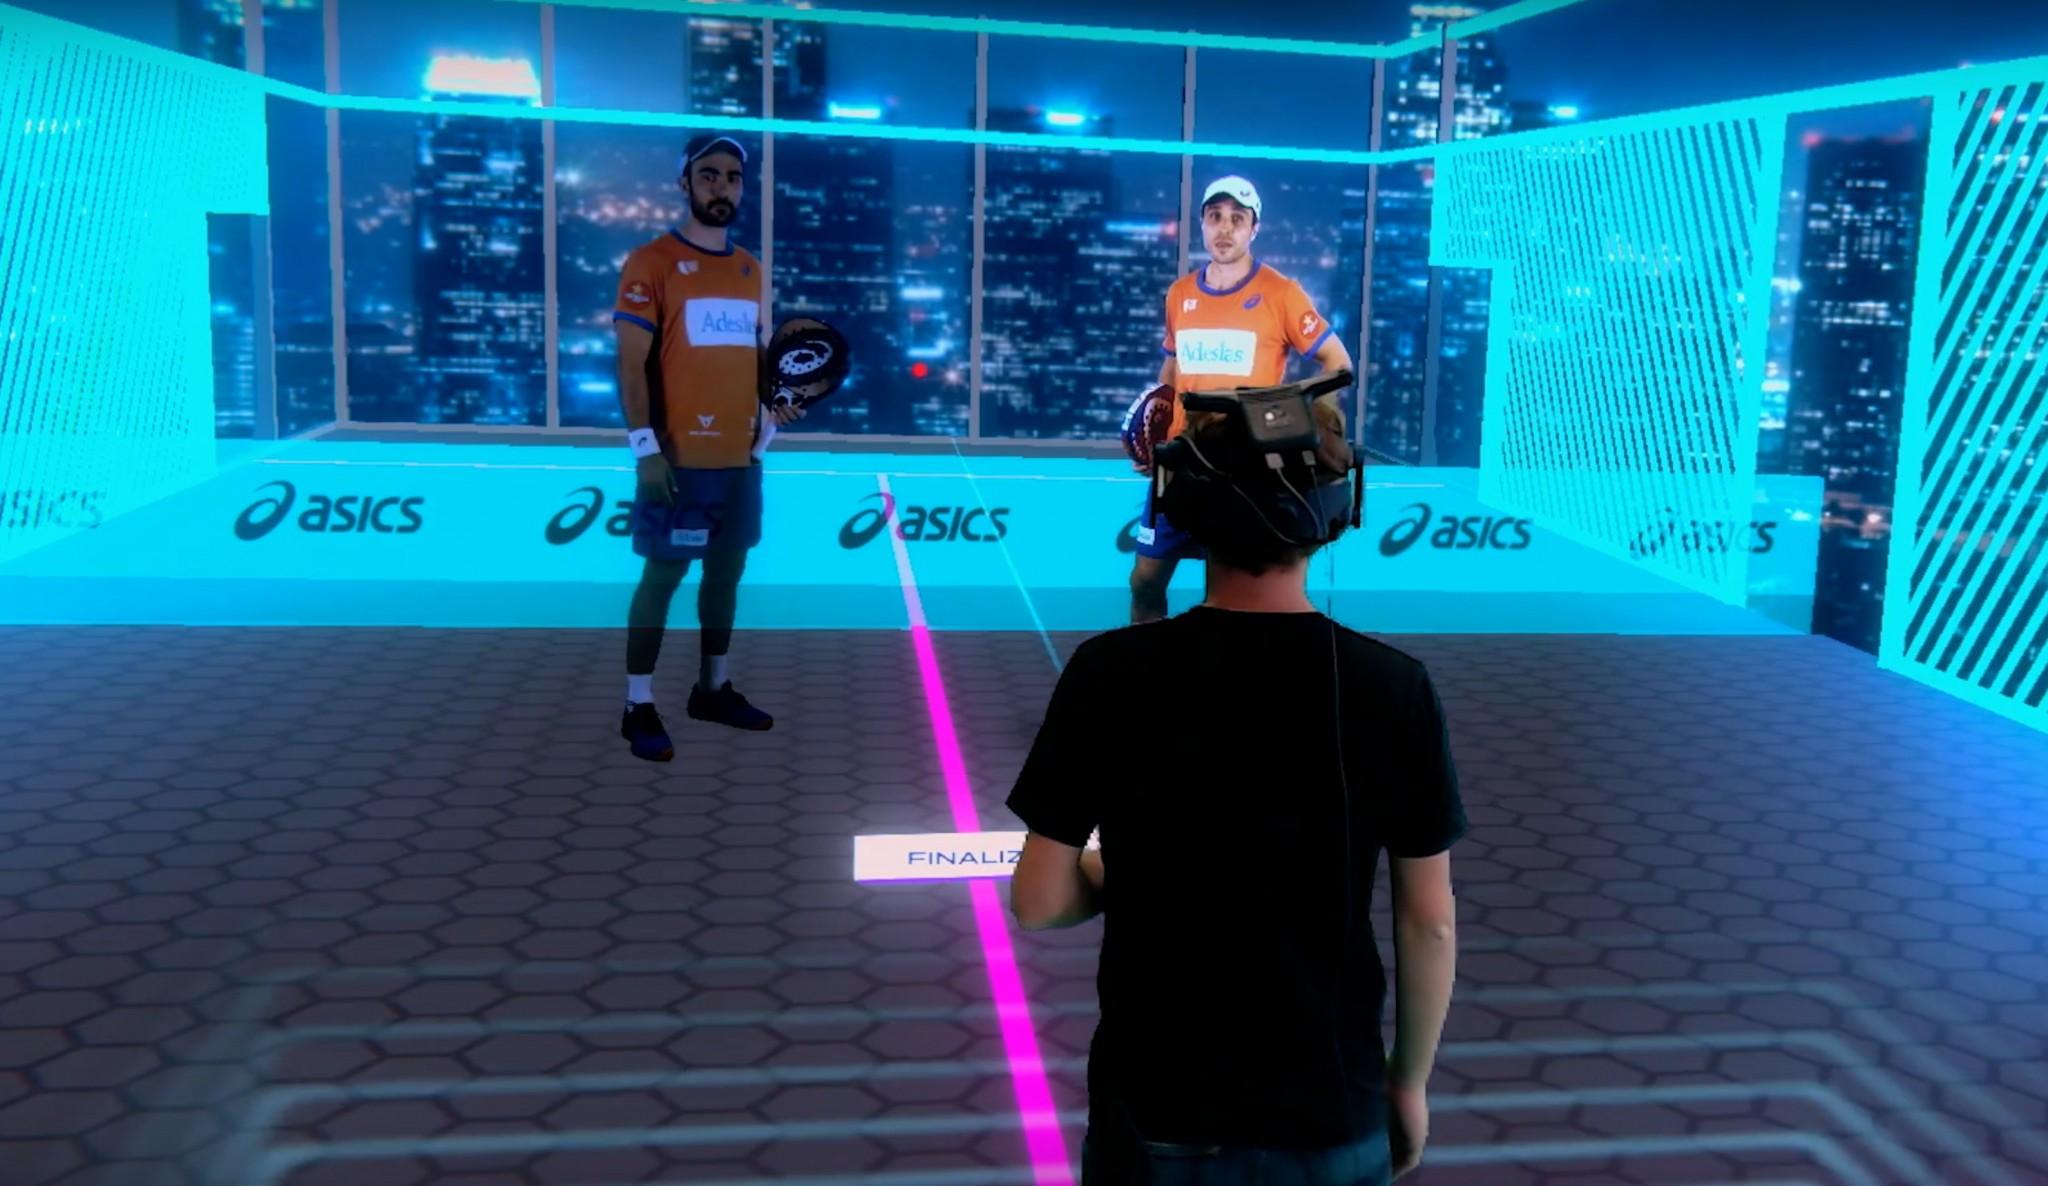 Jouer contre Bela et Lima grâce à la réalité virtuelle